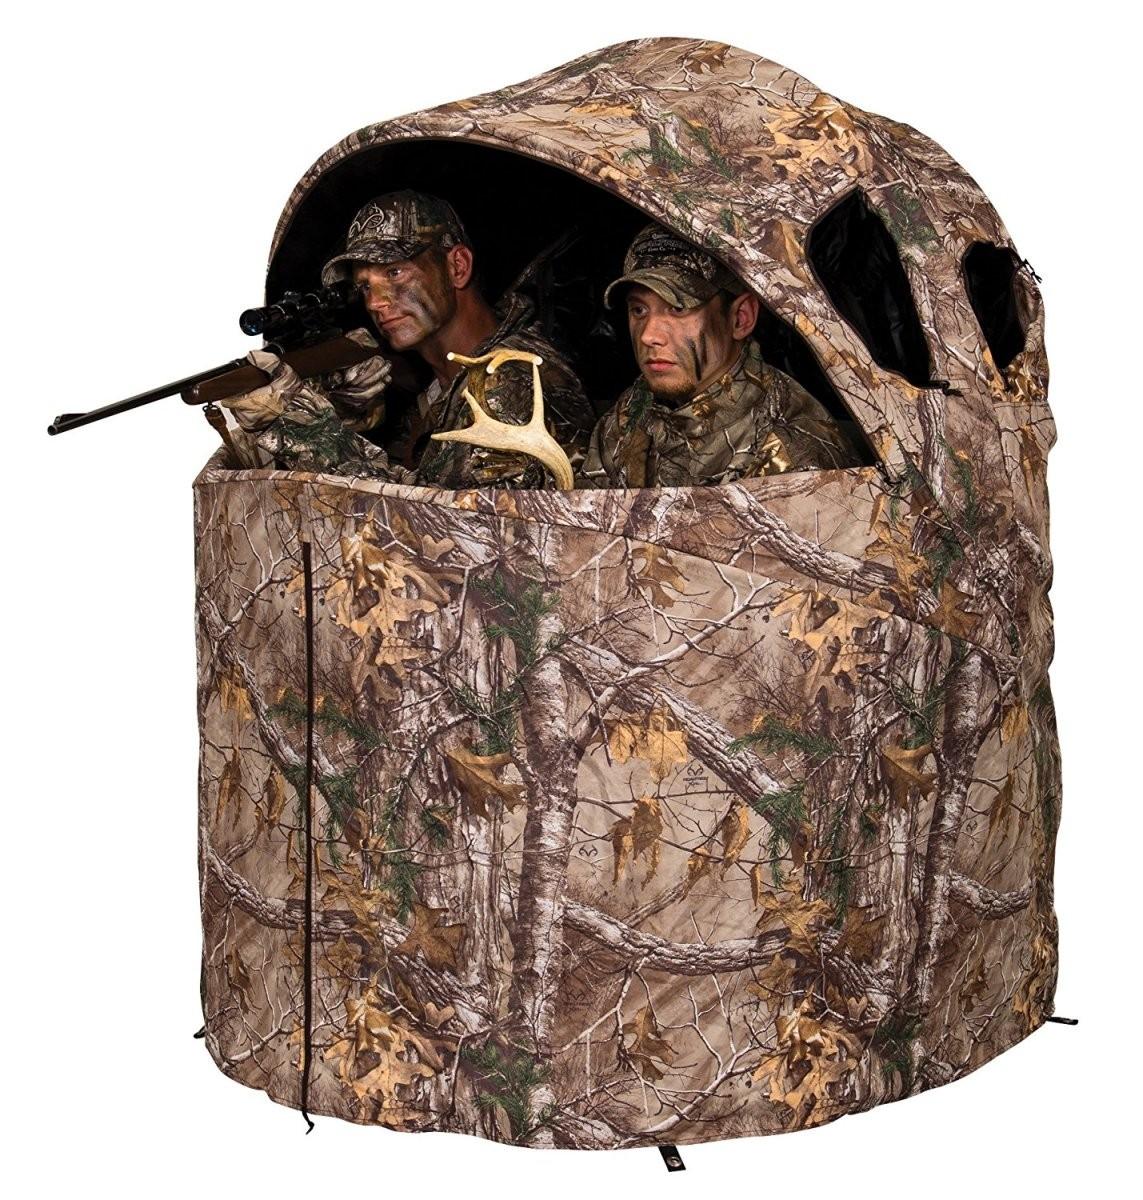 【アウトレット品】Ameristep アメリステップ テントチェア ブラインド デラックス Tent Chair Blind Realtree Xtra Deluxe 2人用